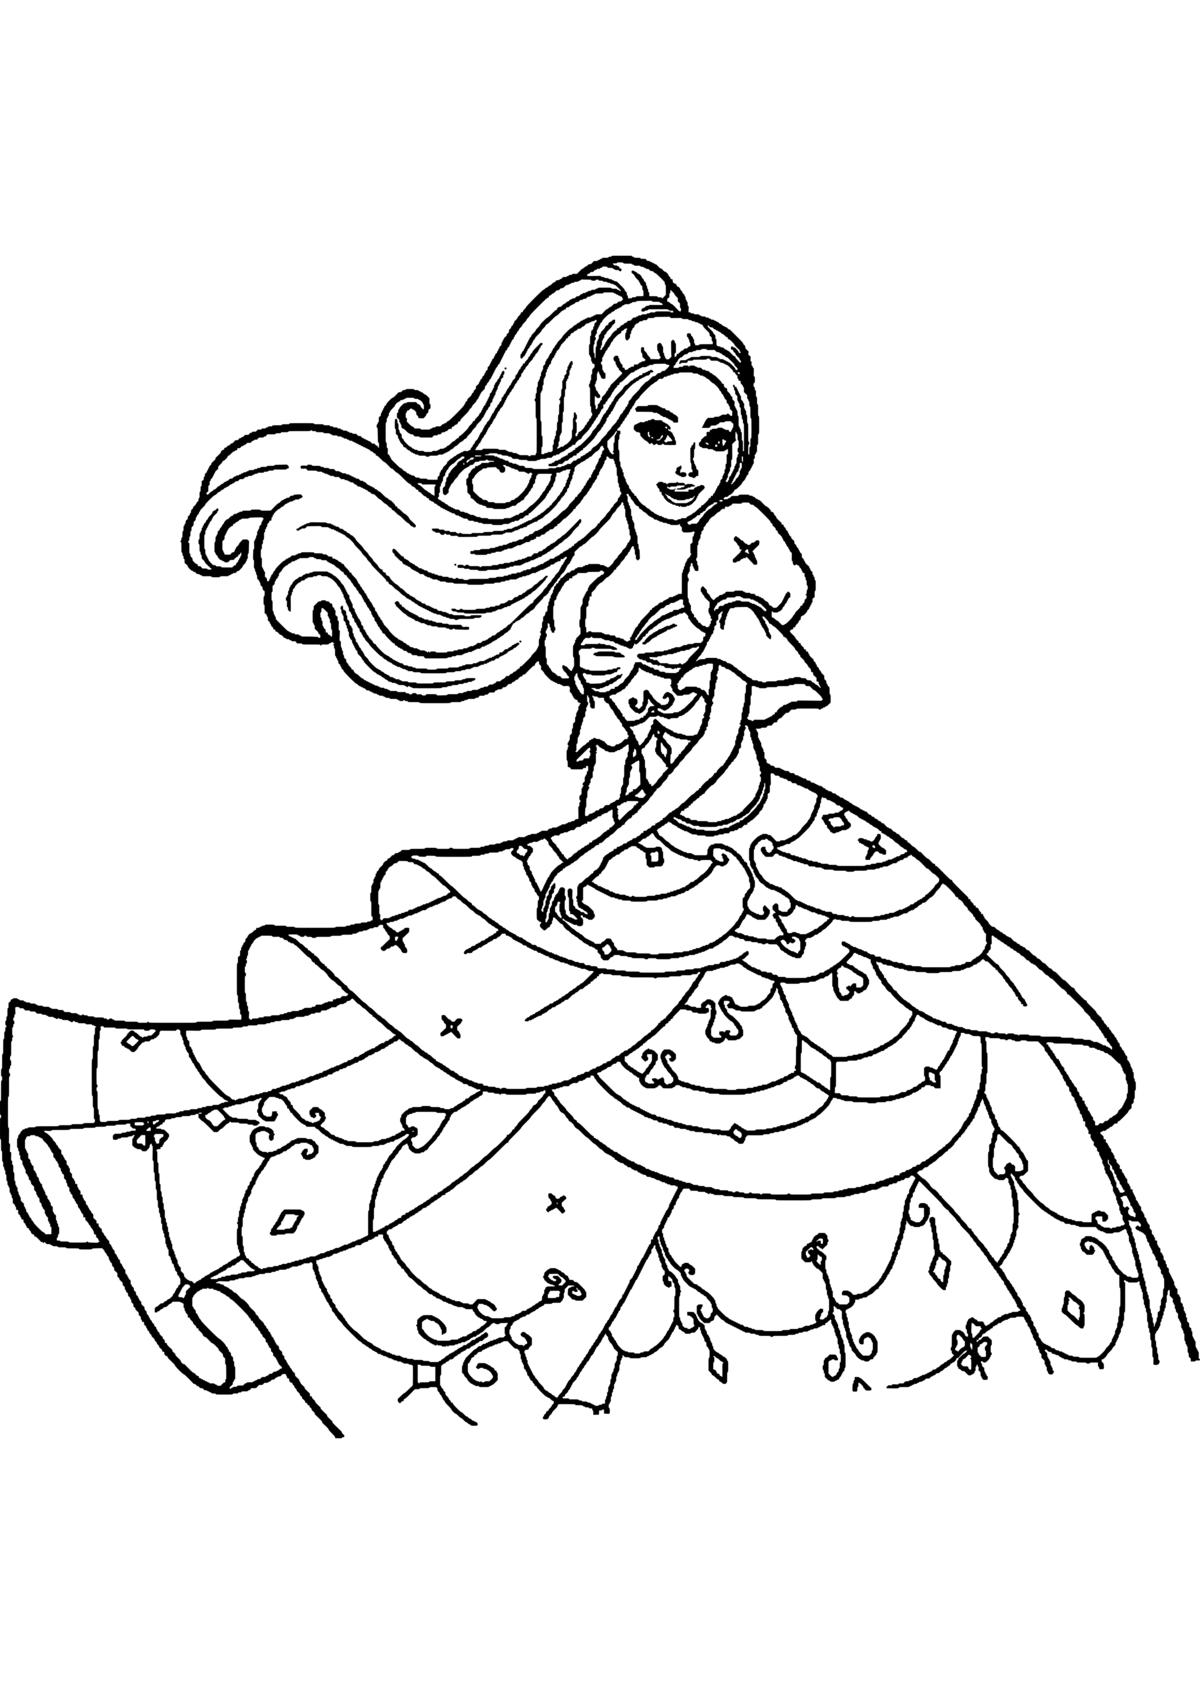 Раскраска Барби Распечатать Бесплатно Формат А4